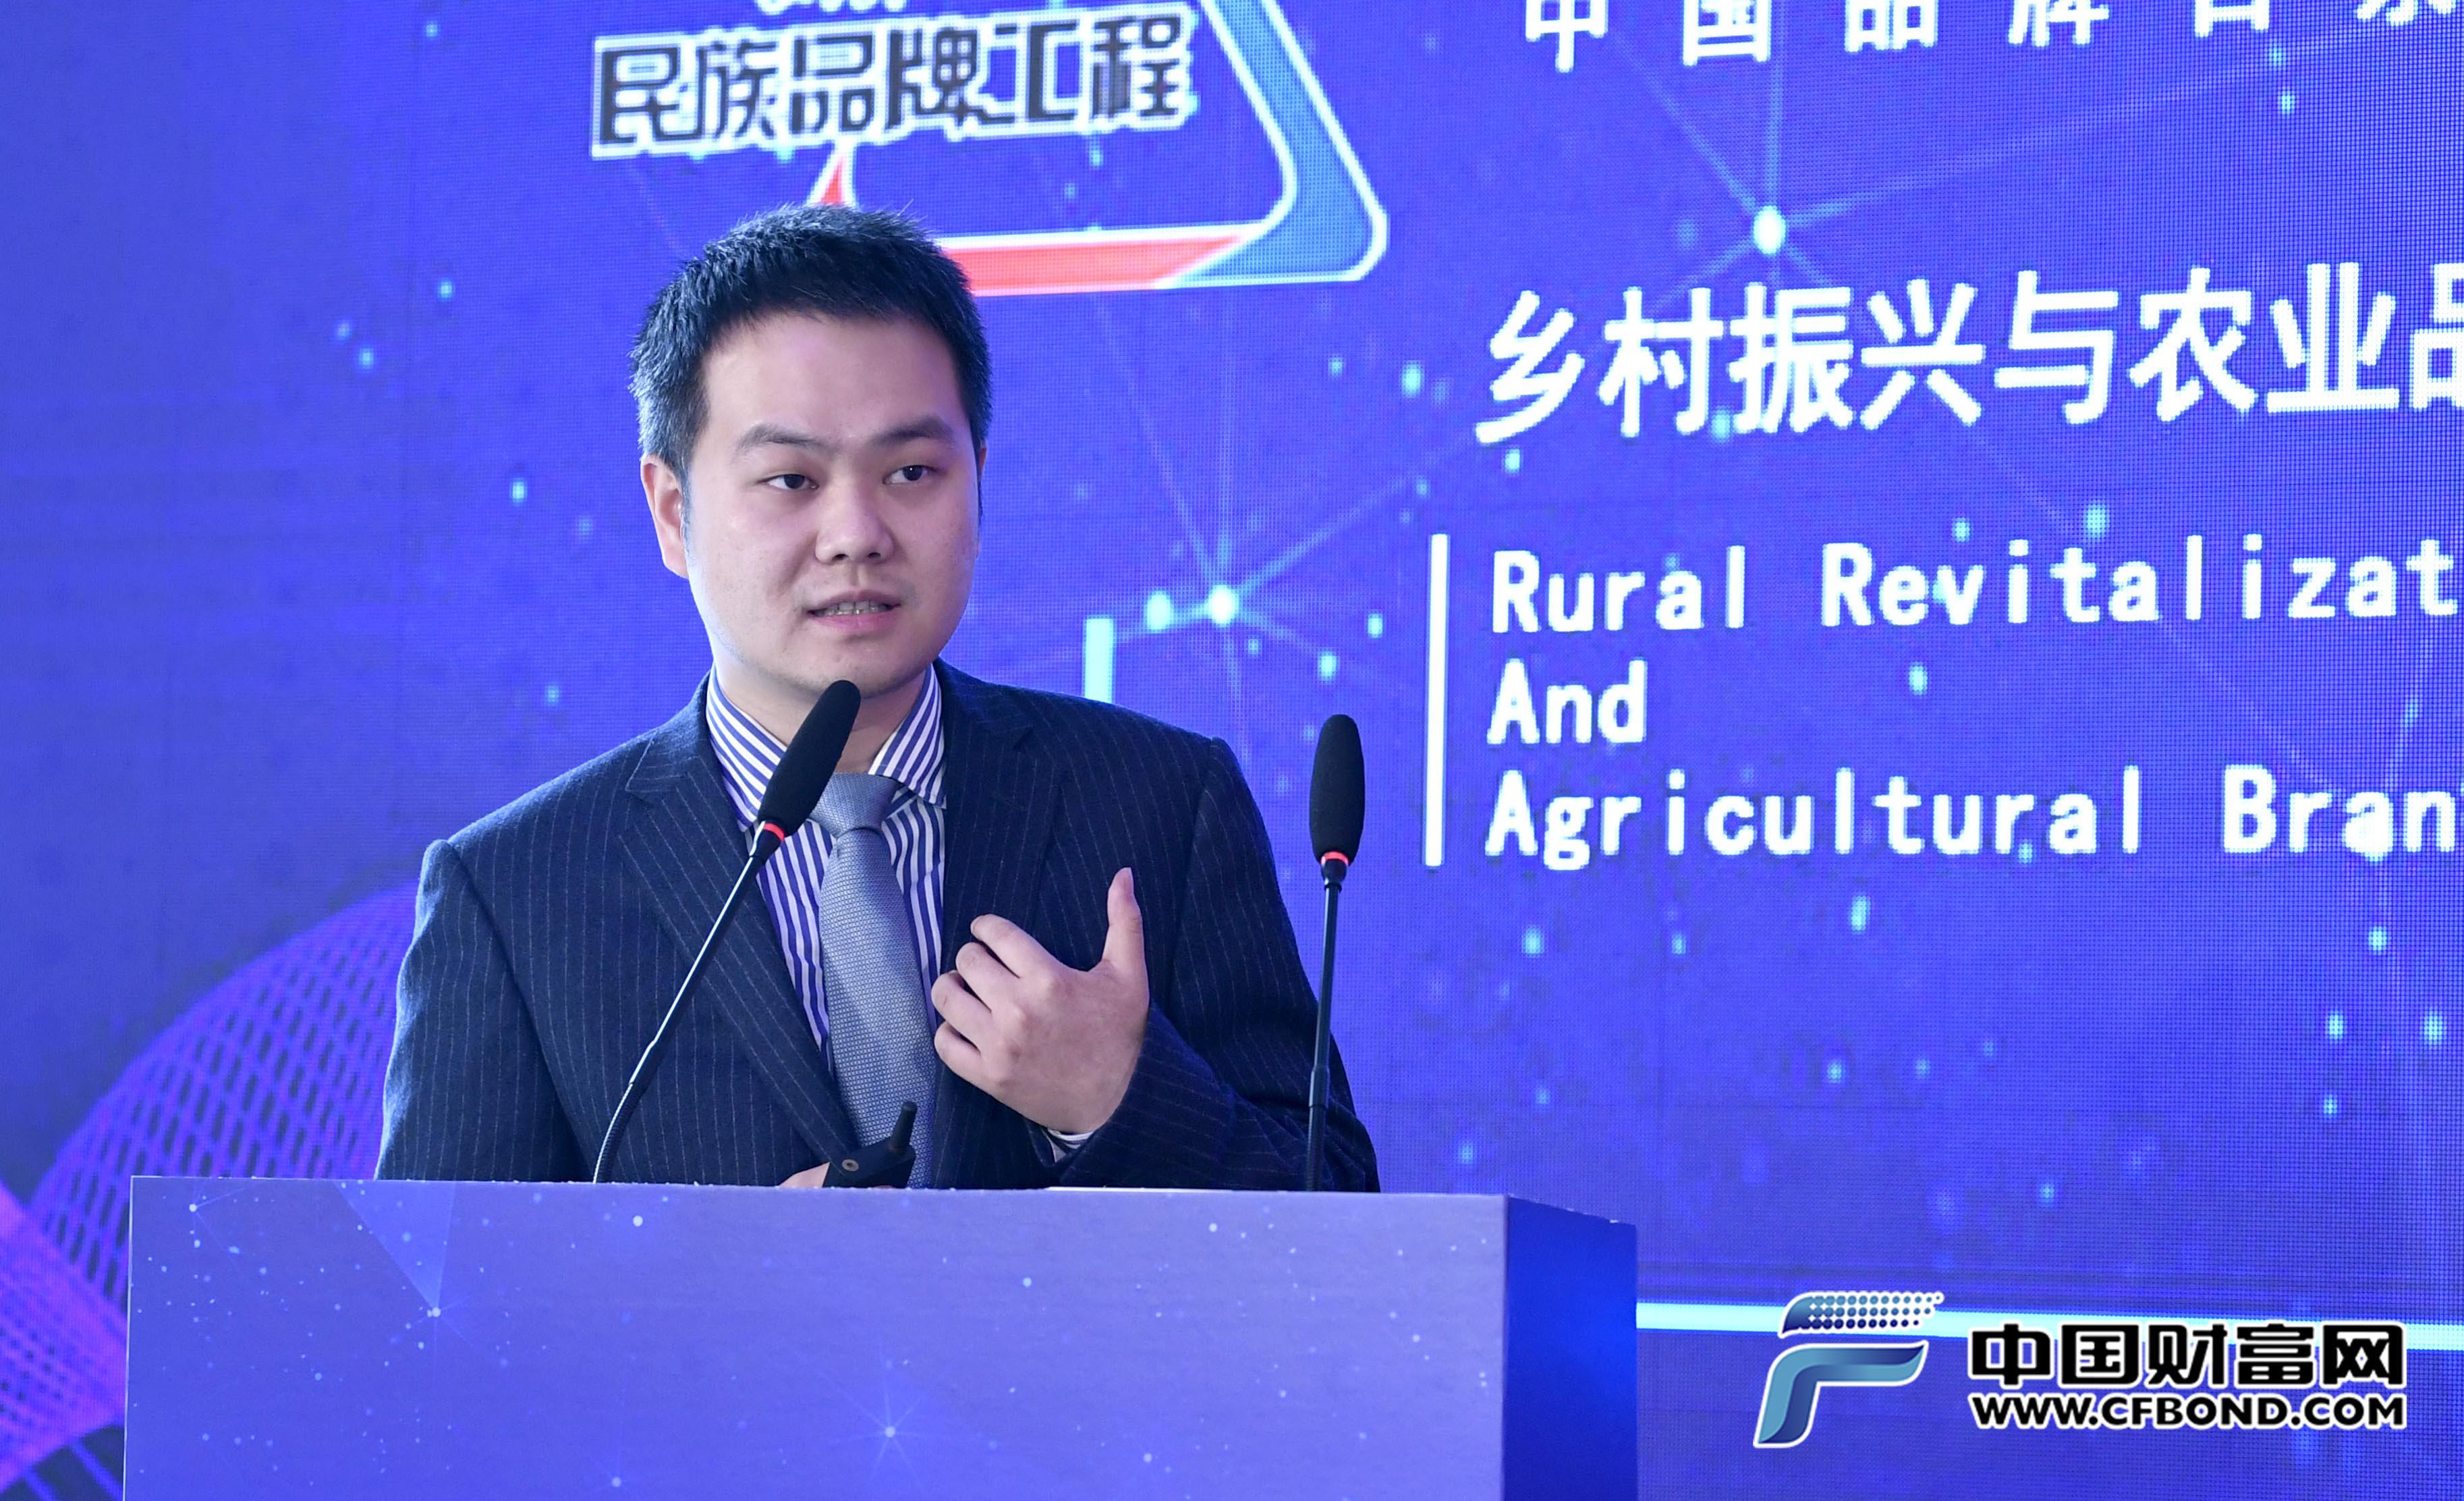 云南东方红生物科技有限公司董事长、御福年品牌创始人余思远发表主题演讲